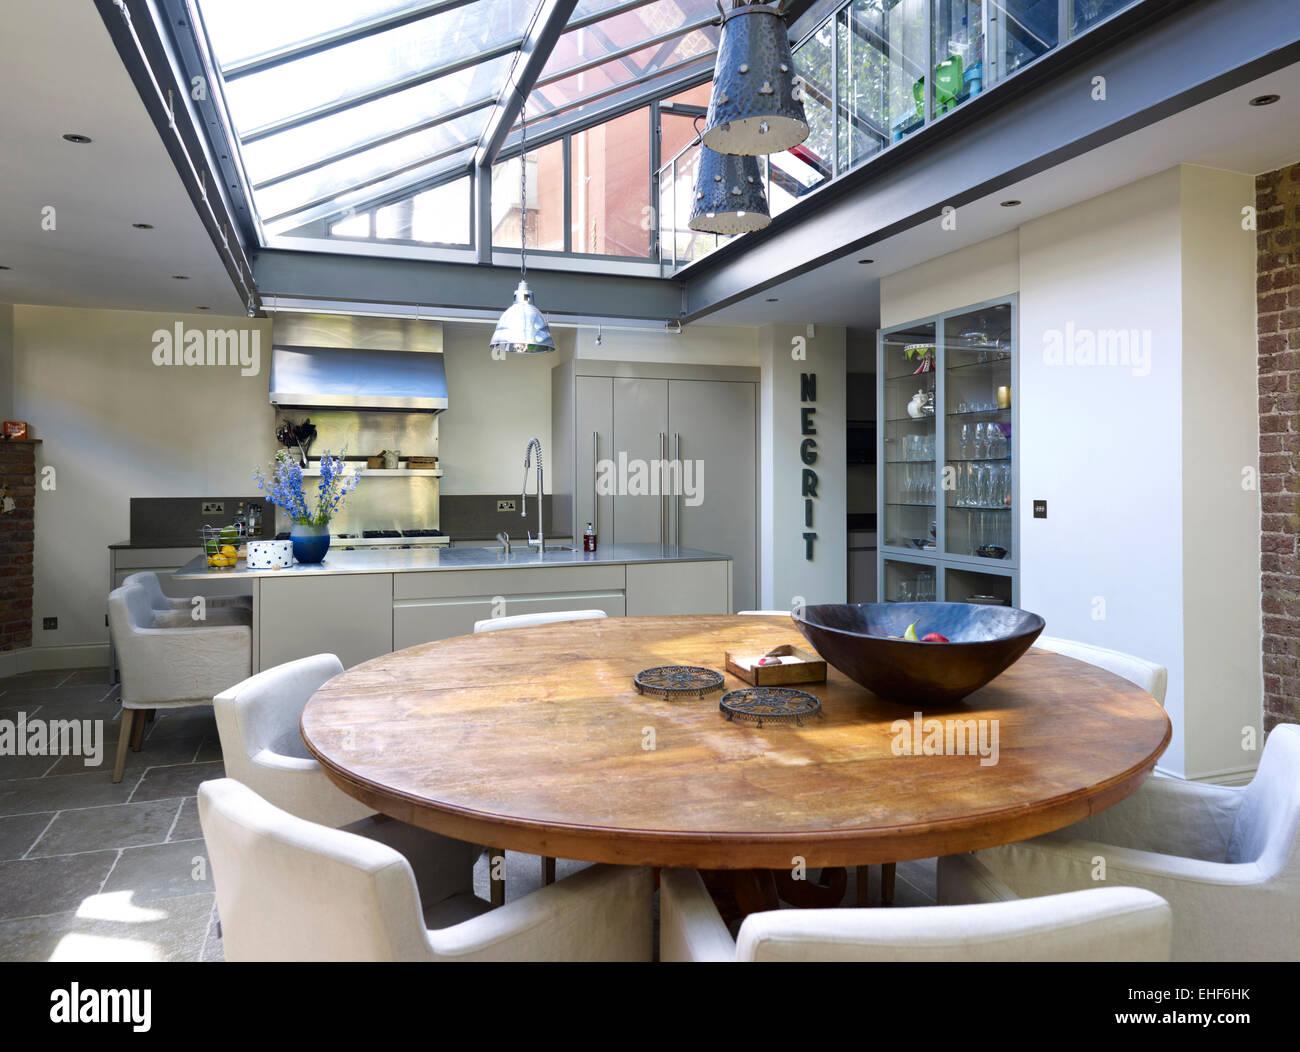 Mesa con sillas de madera redondo con el techo de cristal en ...